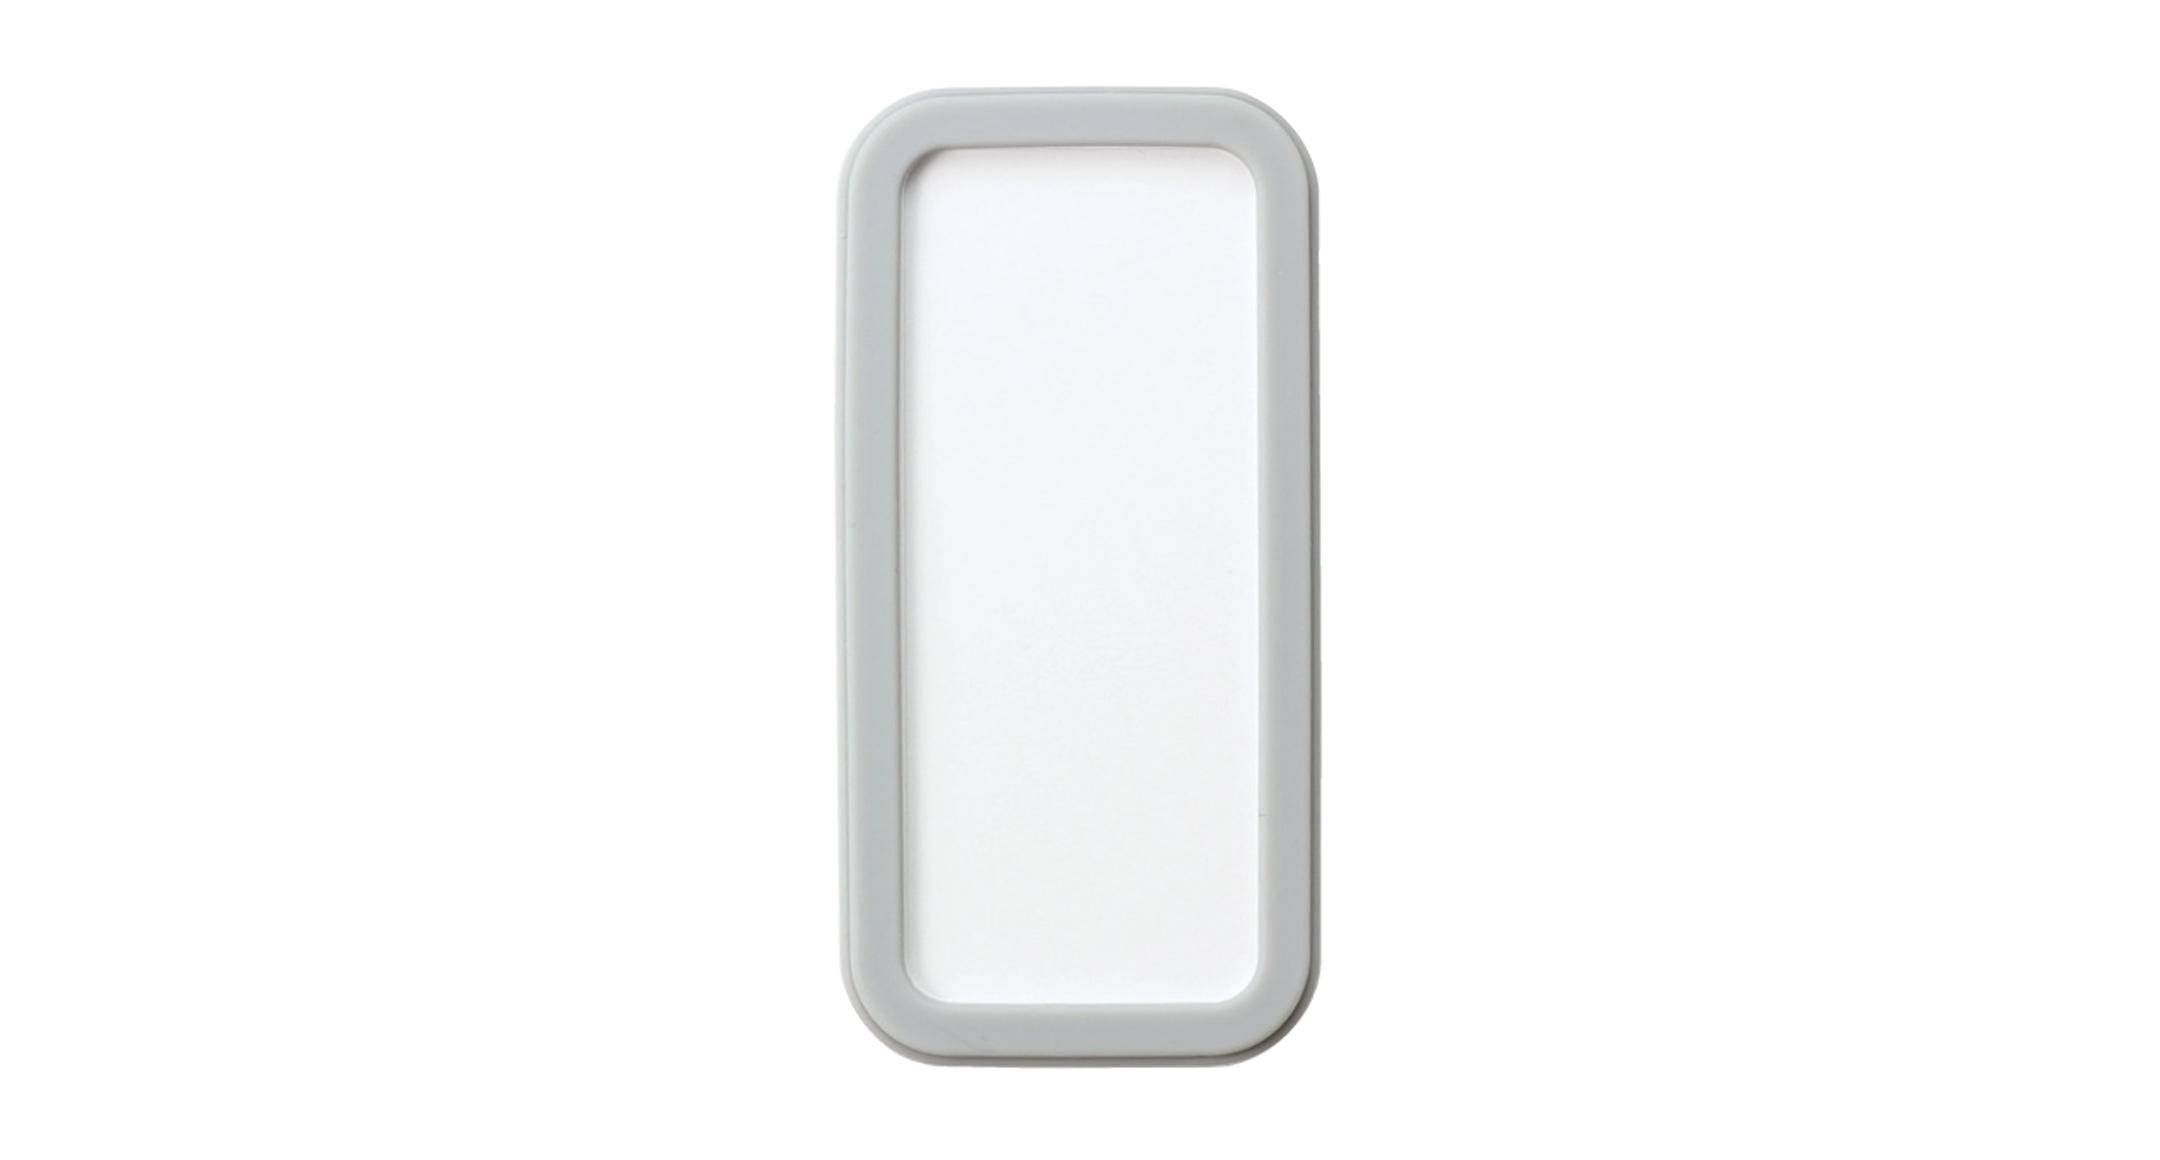 シリコンカバー付ポータブルケース CSSシリーズ:ホワイト/ライトグレーの画像